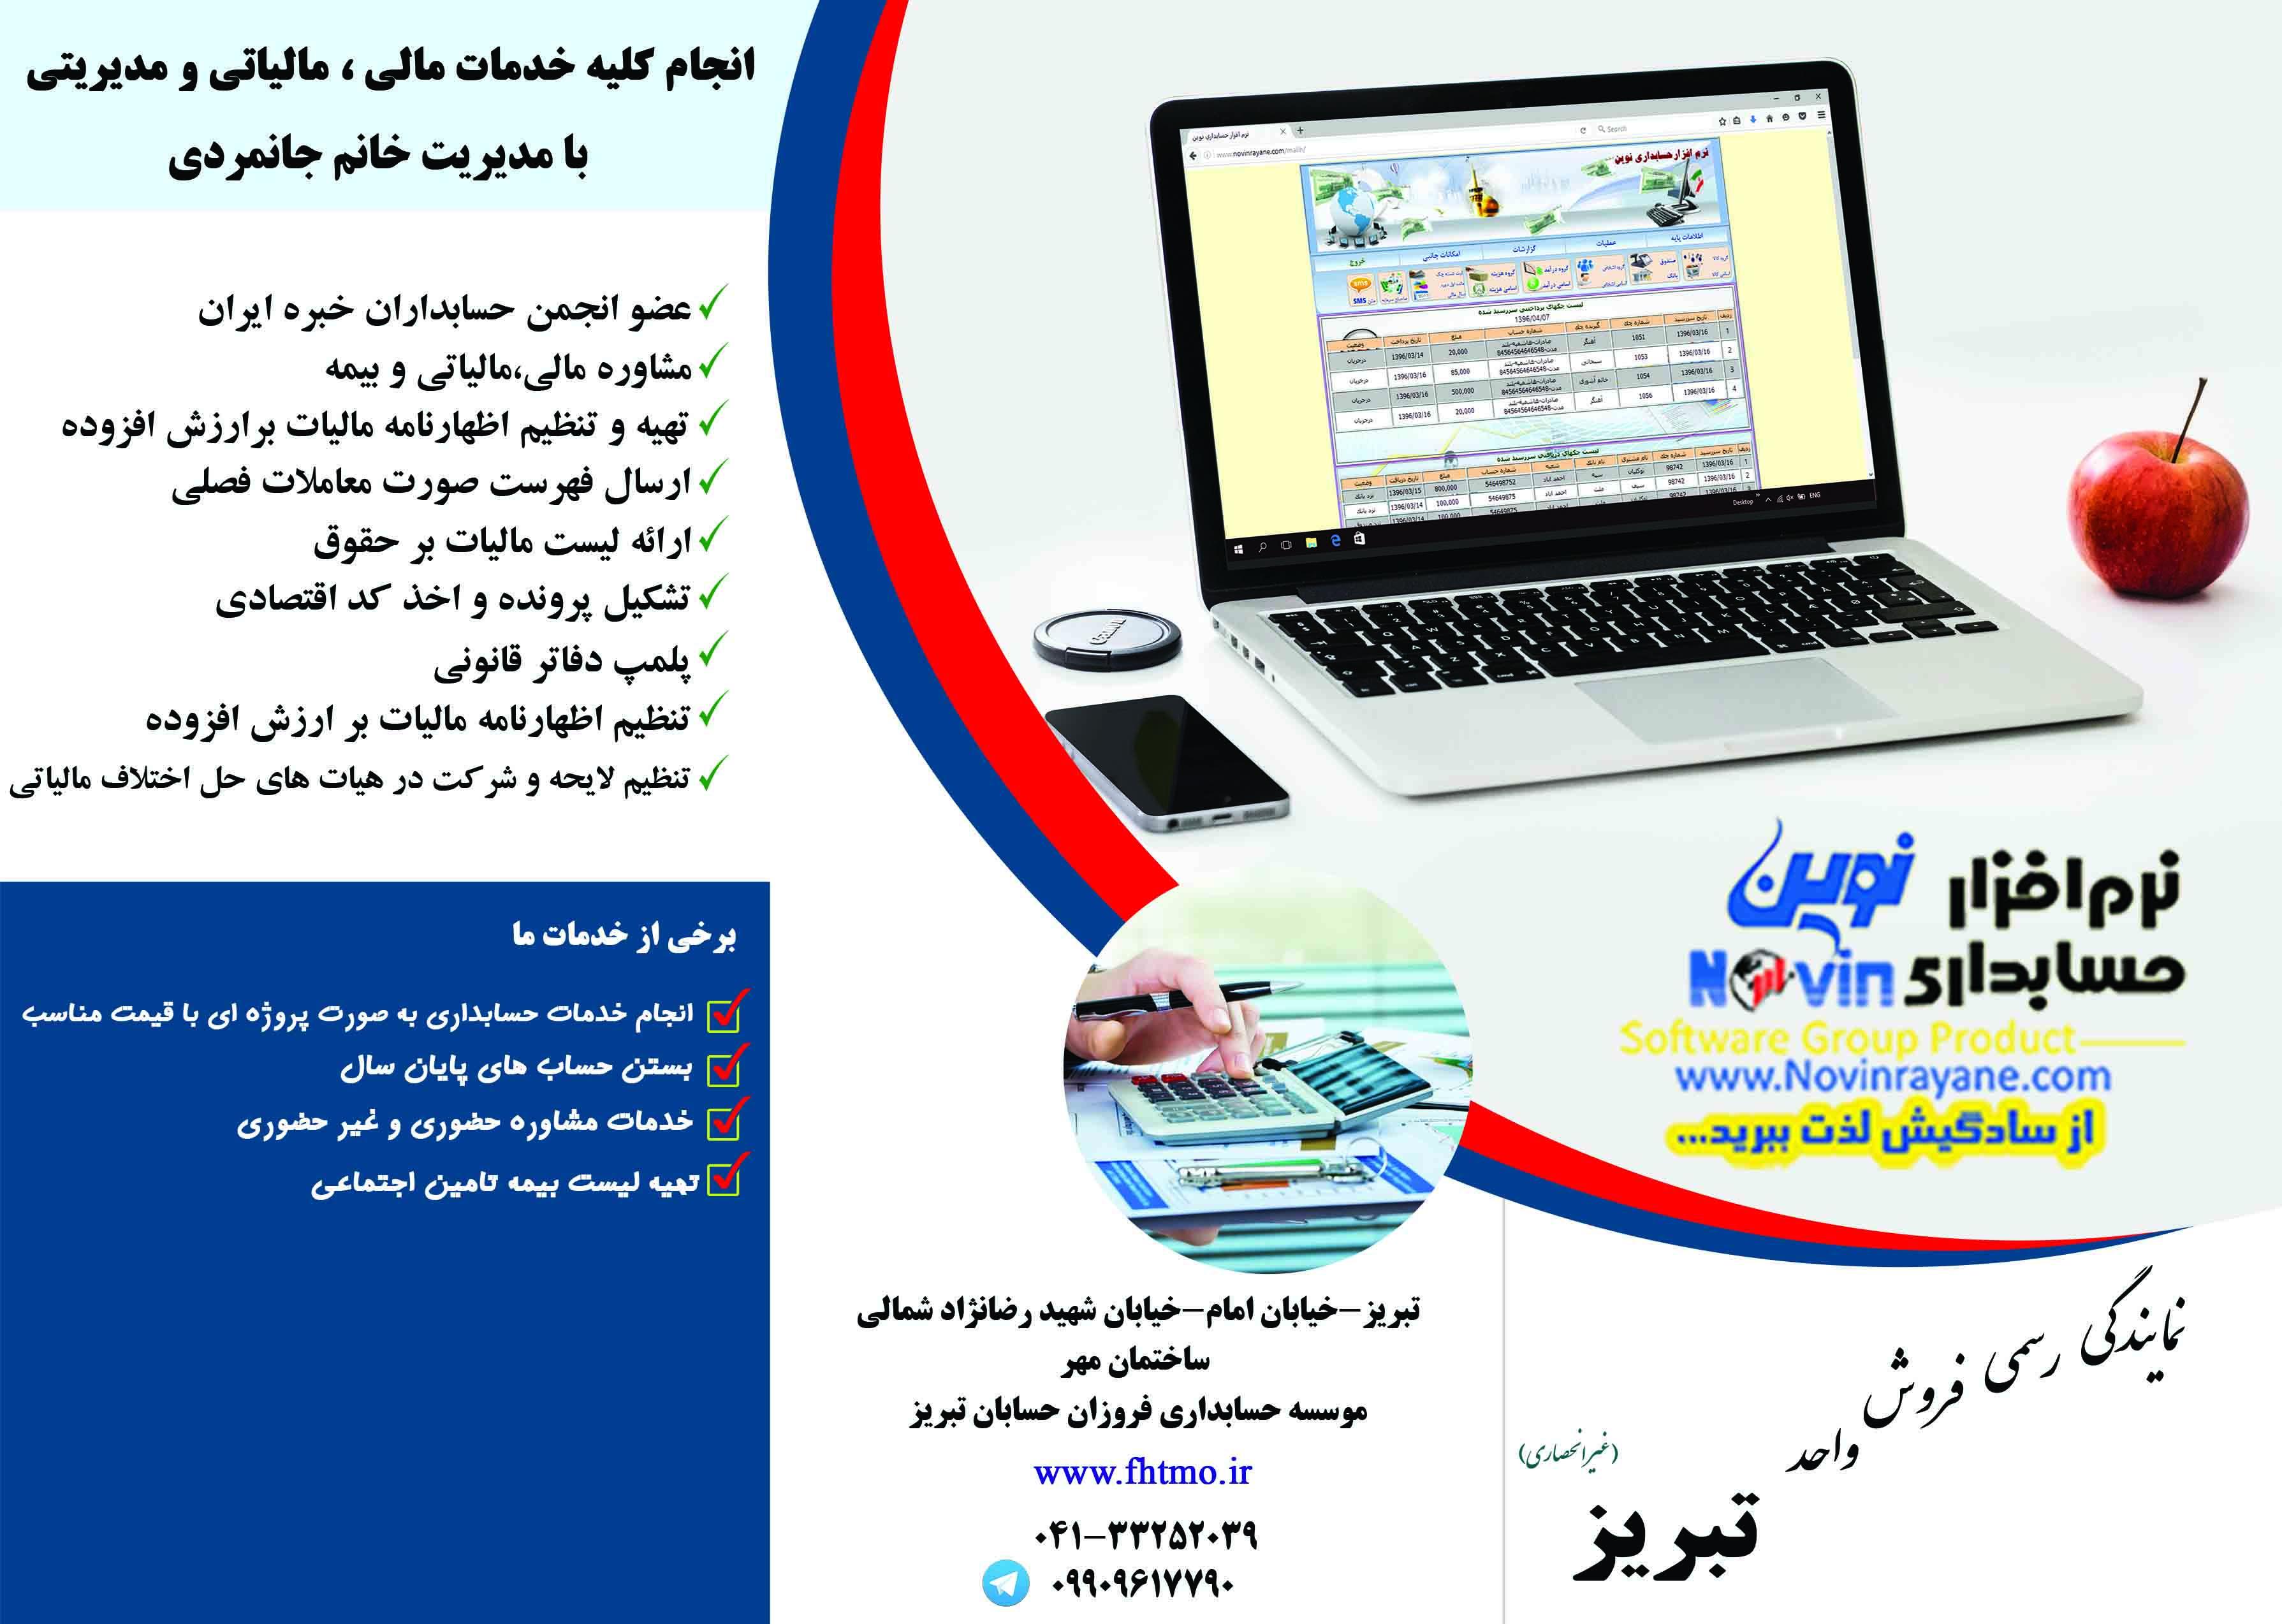 نمایندگی نرم افزار حسابداری نوین - تبریز